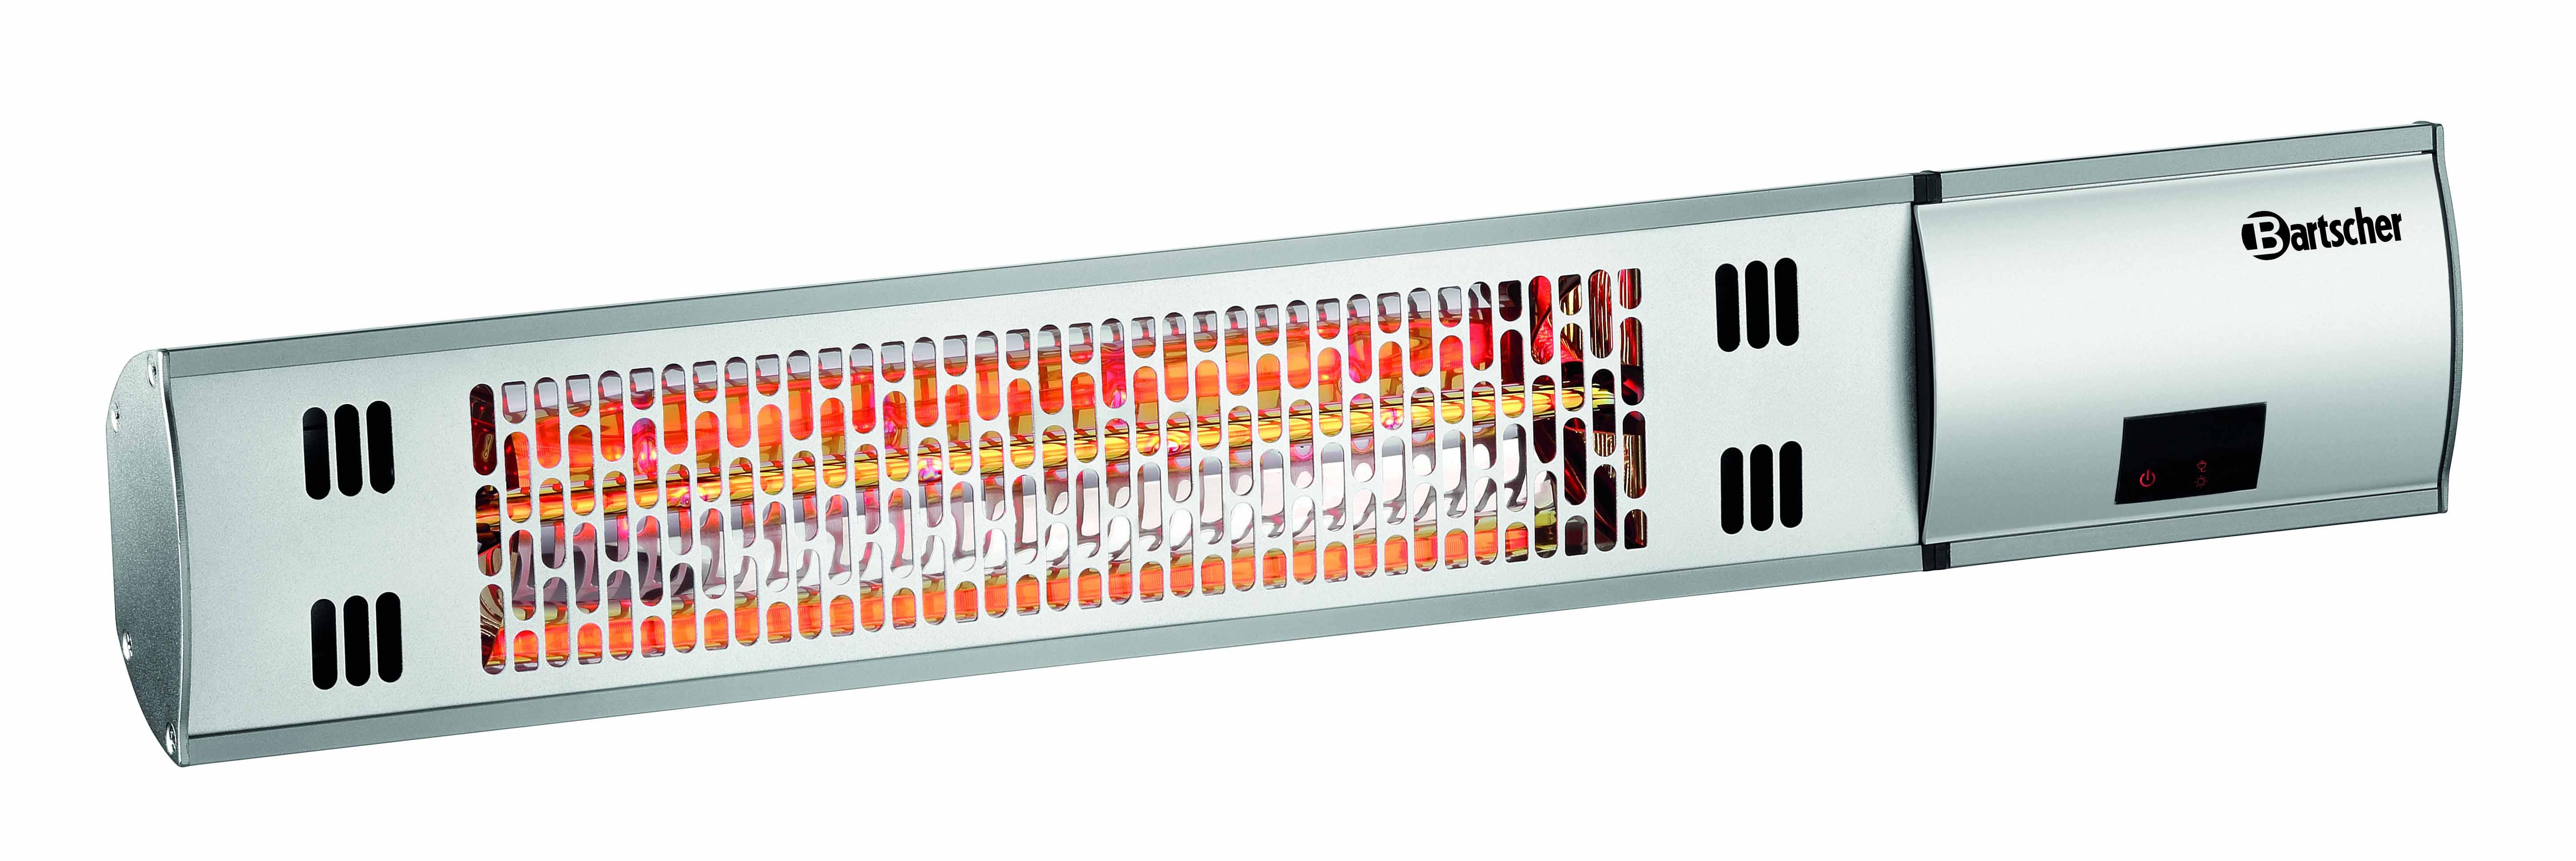 bartscher elektro infrarot wand heizstrahler mit fernbedienung w2000 neu. Black Bedroom Furniture Sets. Home Design Ideas